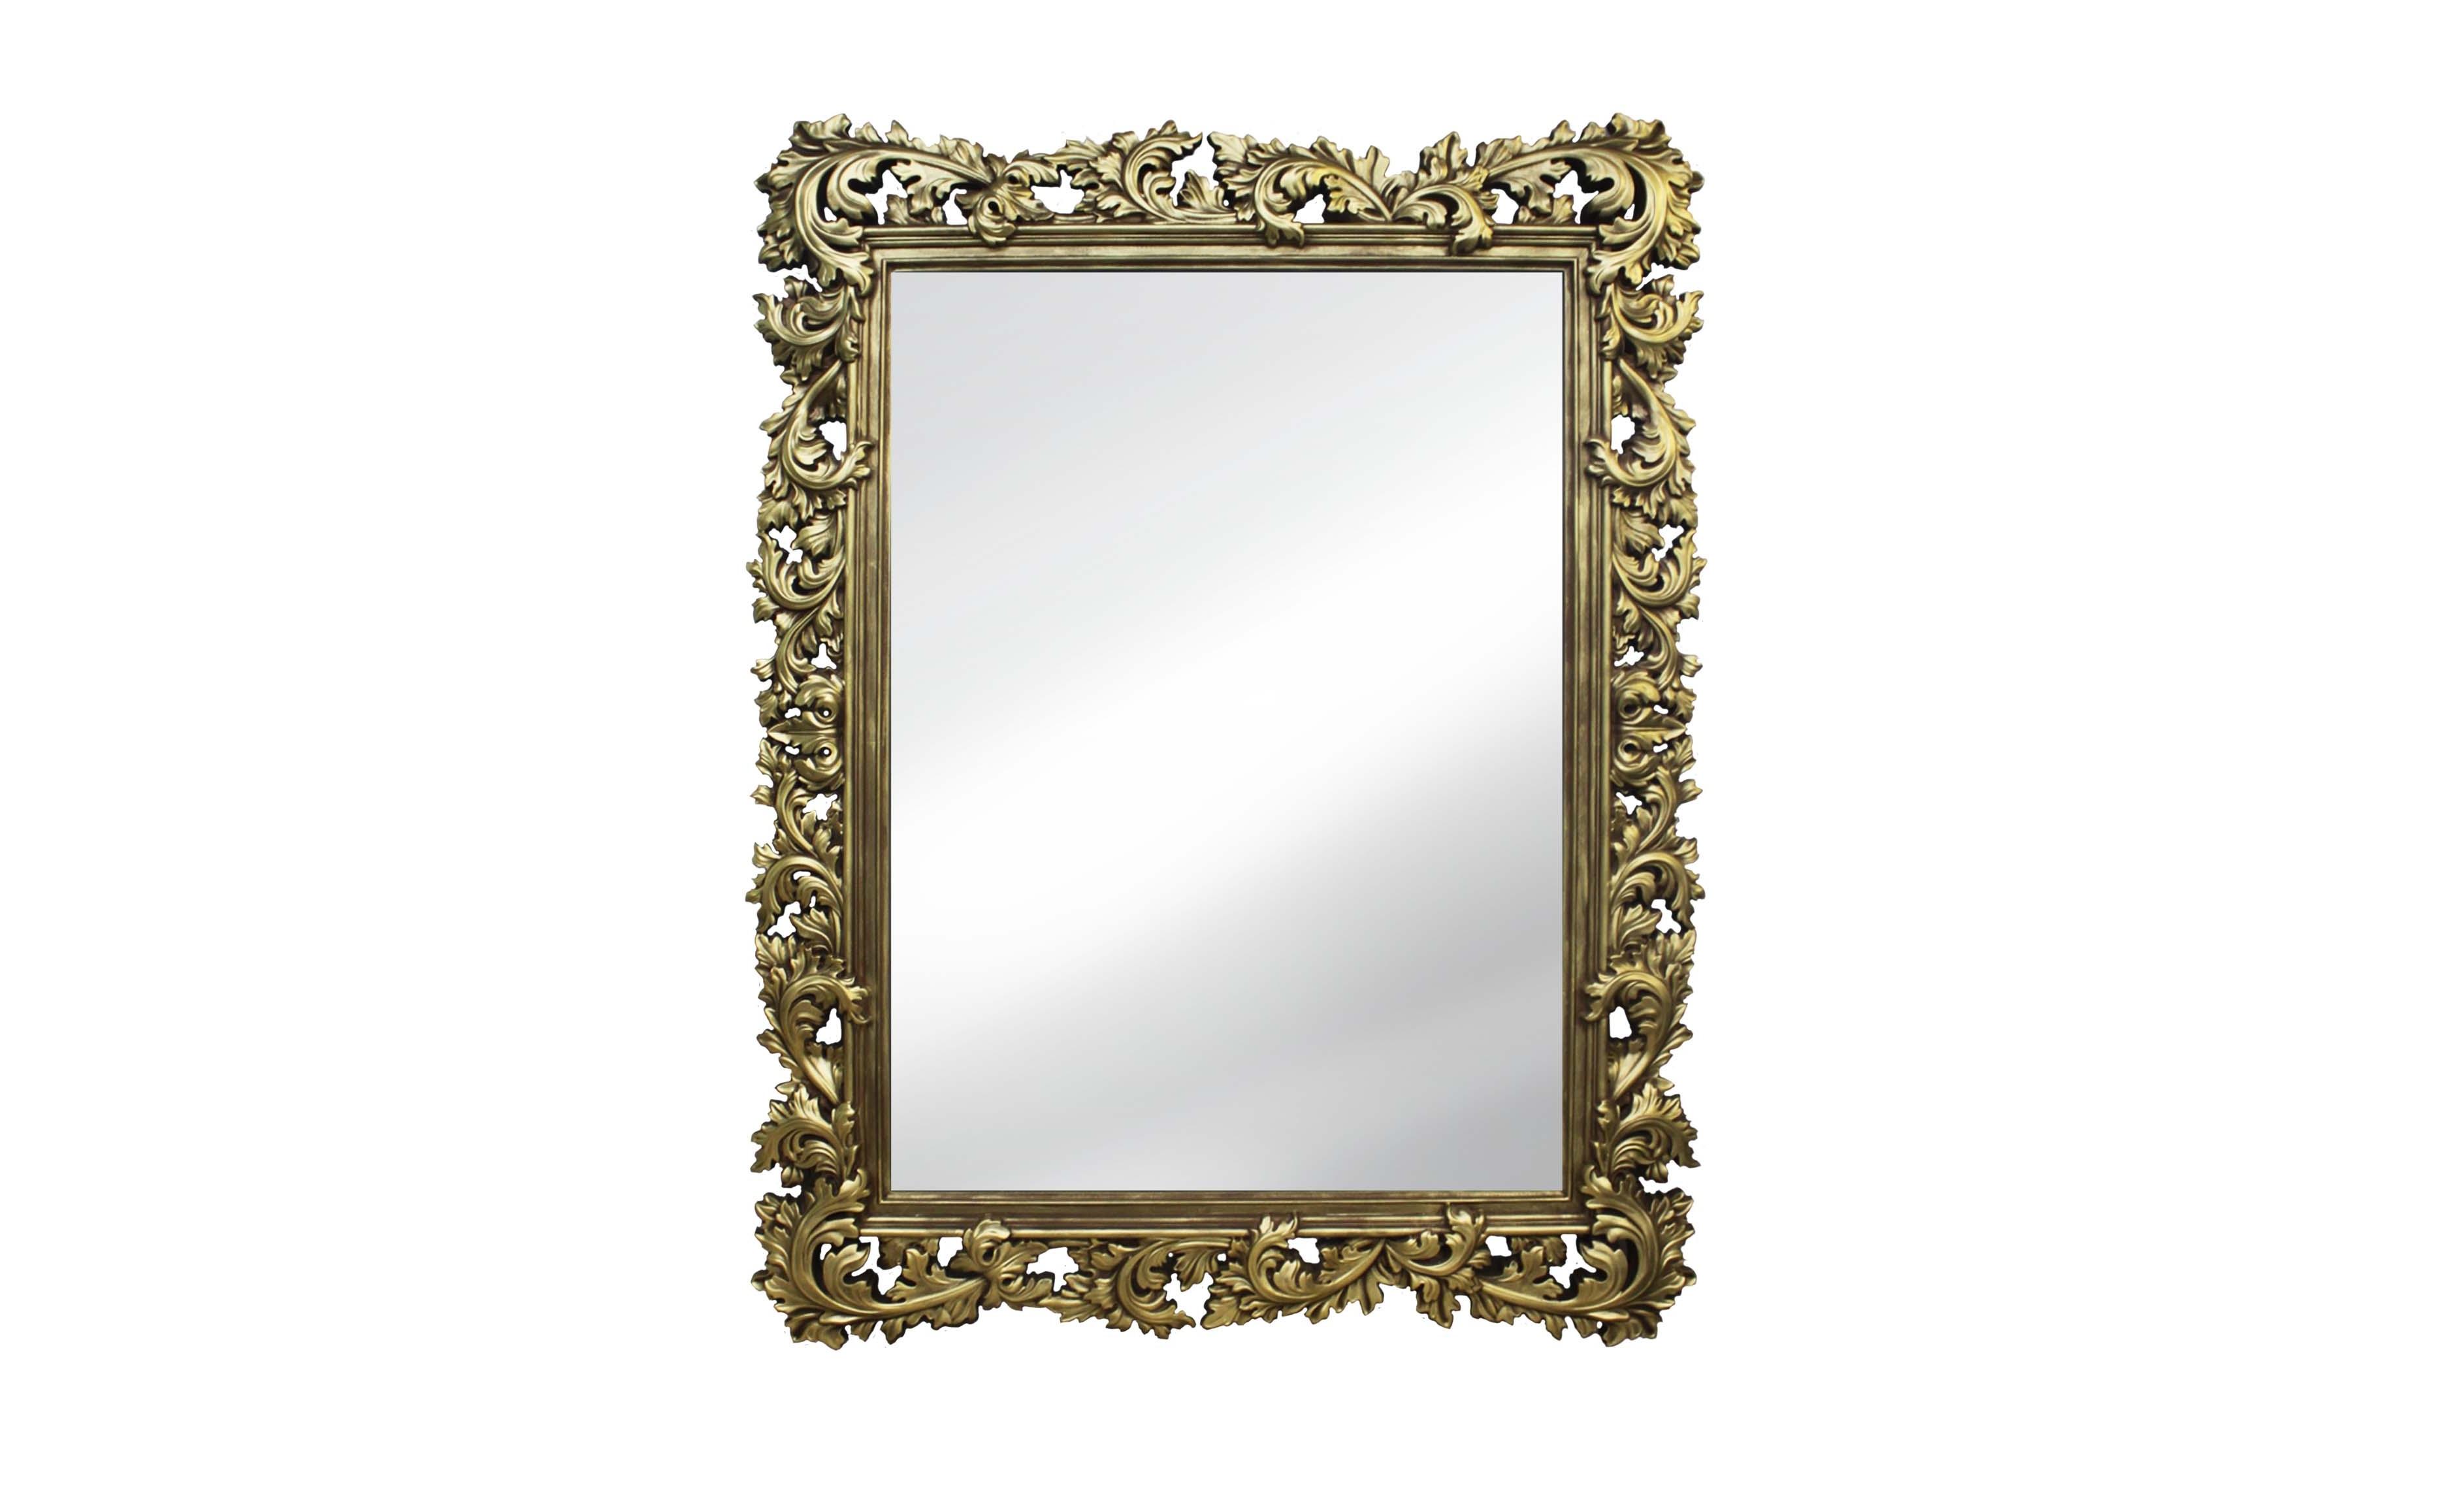 Стильное зеркало в раме ПровансНастенные зеркала<br>&amp;lt;div&amp;gt;Любителям французских интерьеров посвящается… это зеркало. Винтажная резная рама сделана из современного композтного полиуретана, который очень похож на дорогую натуральную древесину. Для большей аутентичности материал окрашен в золотой оттенок с эффектом патины. Красители, как и сам ППУ, экологически безопасны, устойчивы к влаге и механическим повреждениям. Словом, это зеркало способно прослужить так долго, что станет самым настоящим антиквариатом.&amp;lt;/div&amp;gt;&amp;lt;div&amp;gt;&amp;lt;br&amp;gt;&amp;lt;/div&amp;gt;&amp;lt;div&amp;gt;&amp;lt;div&amp;gt;Цвет:&amp;amp;nbsp;Золото Патина&amp;lt;/div&amp;gt;&amp;lt;/div&amp;gt;<br><br>Material: Полиуретан<br>Length см: None<br>Width см: 88<br>Depth см: 4<br>Height см: 115